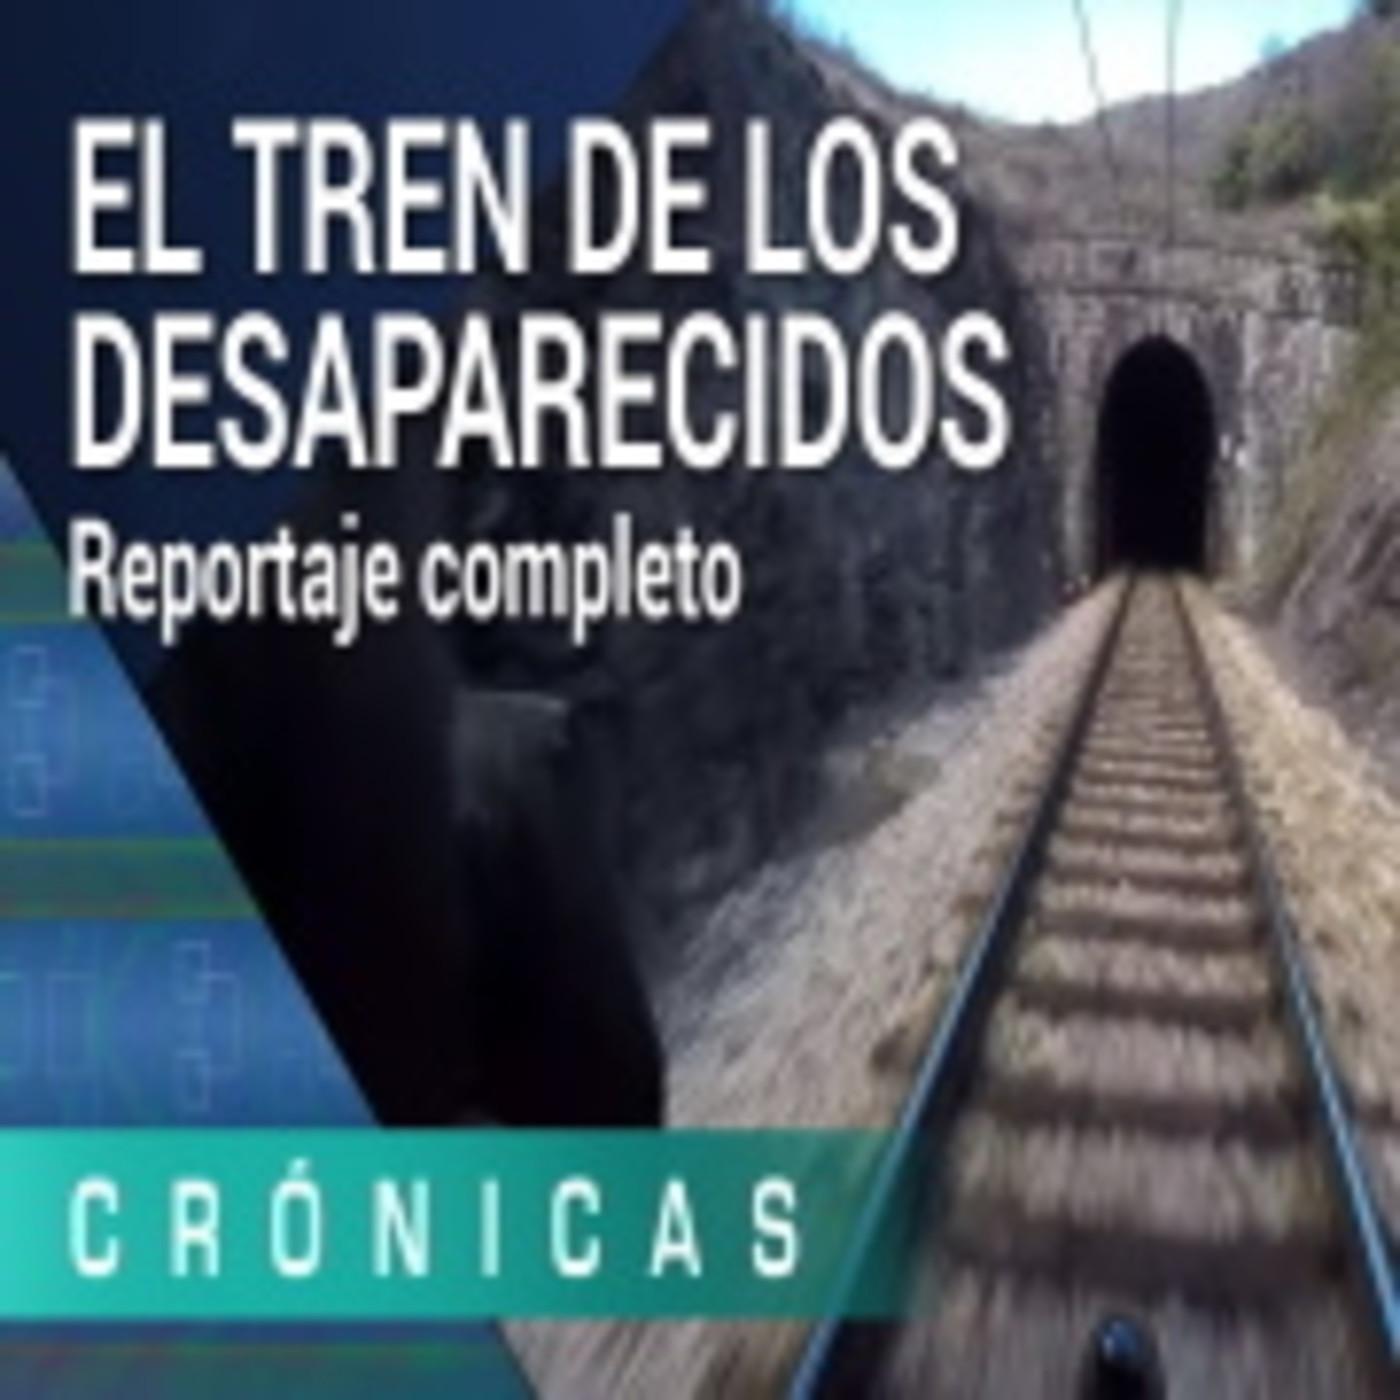 El tren de los desaparecidos'